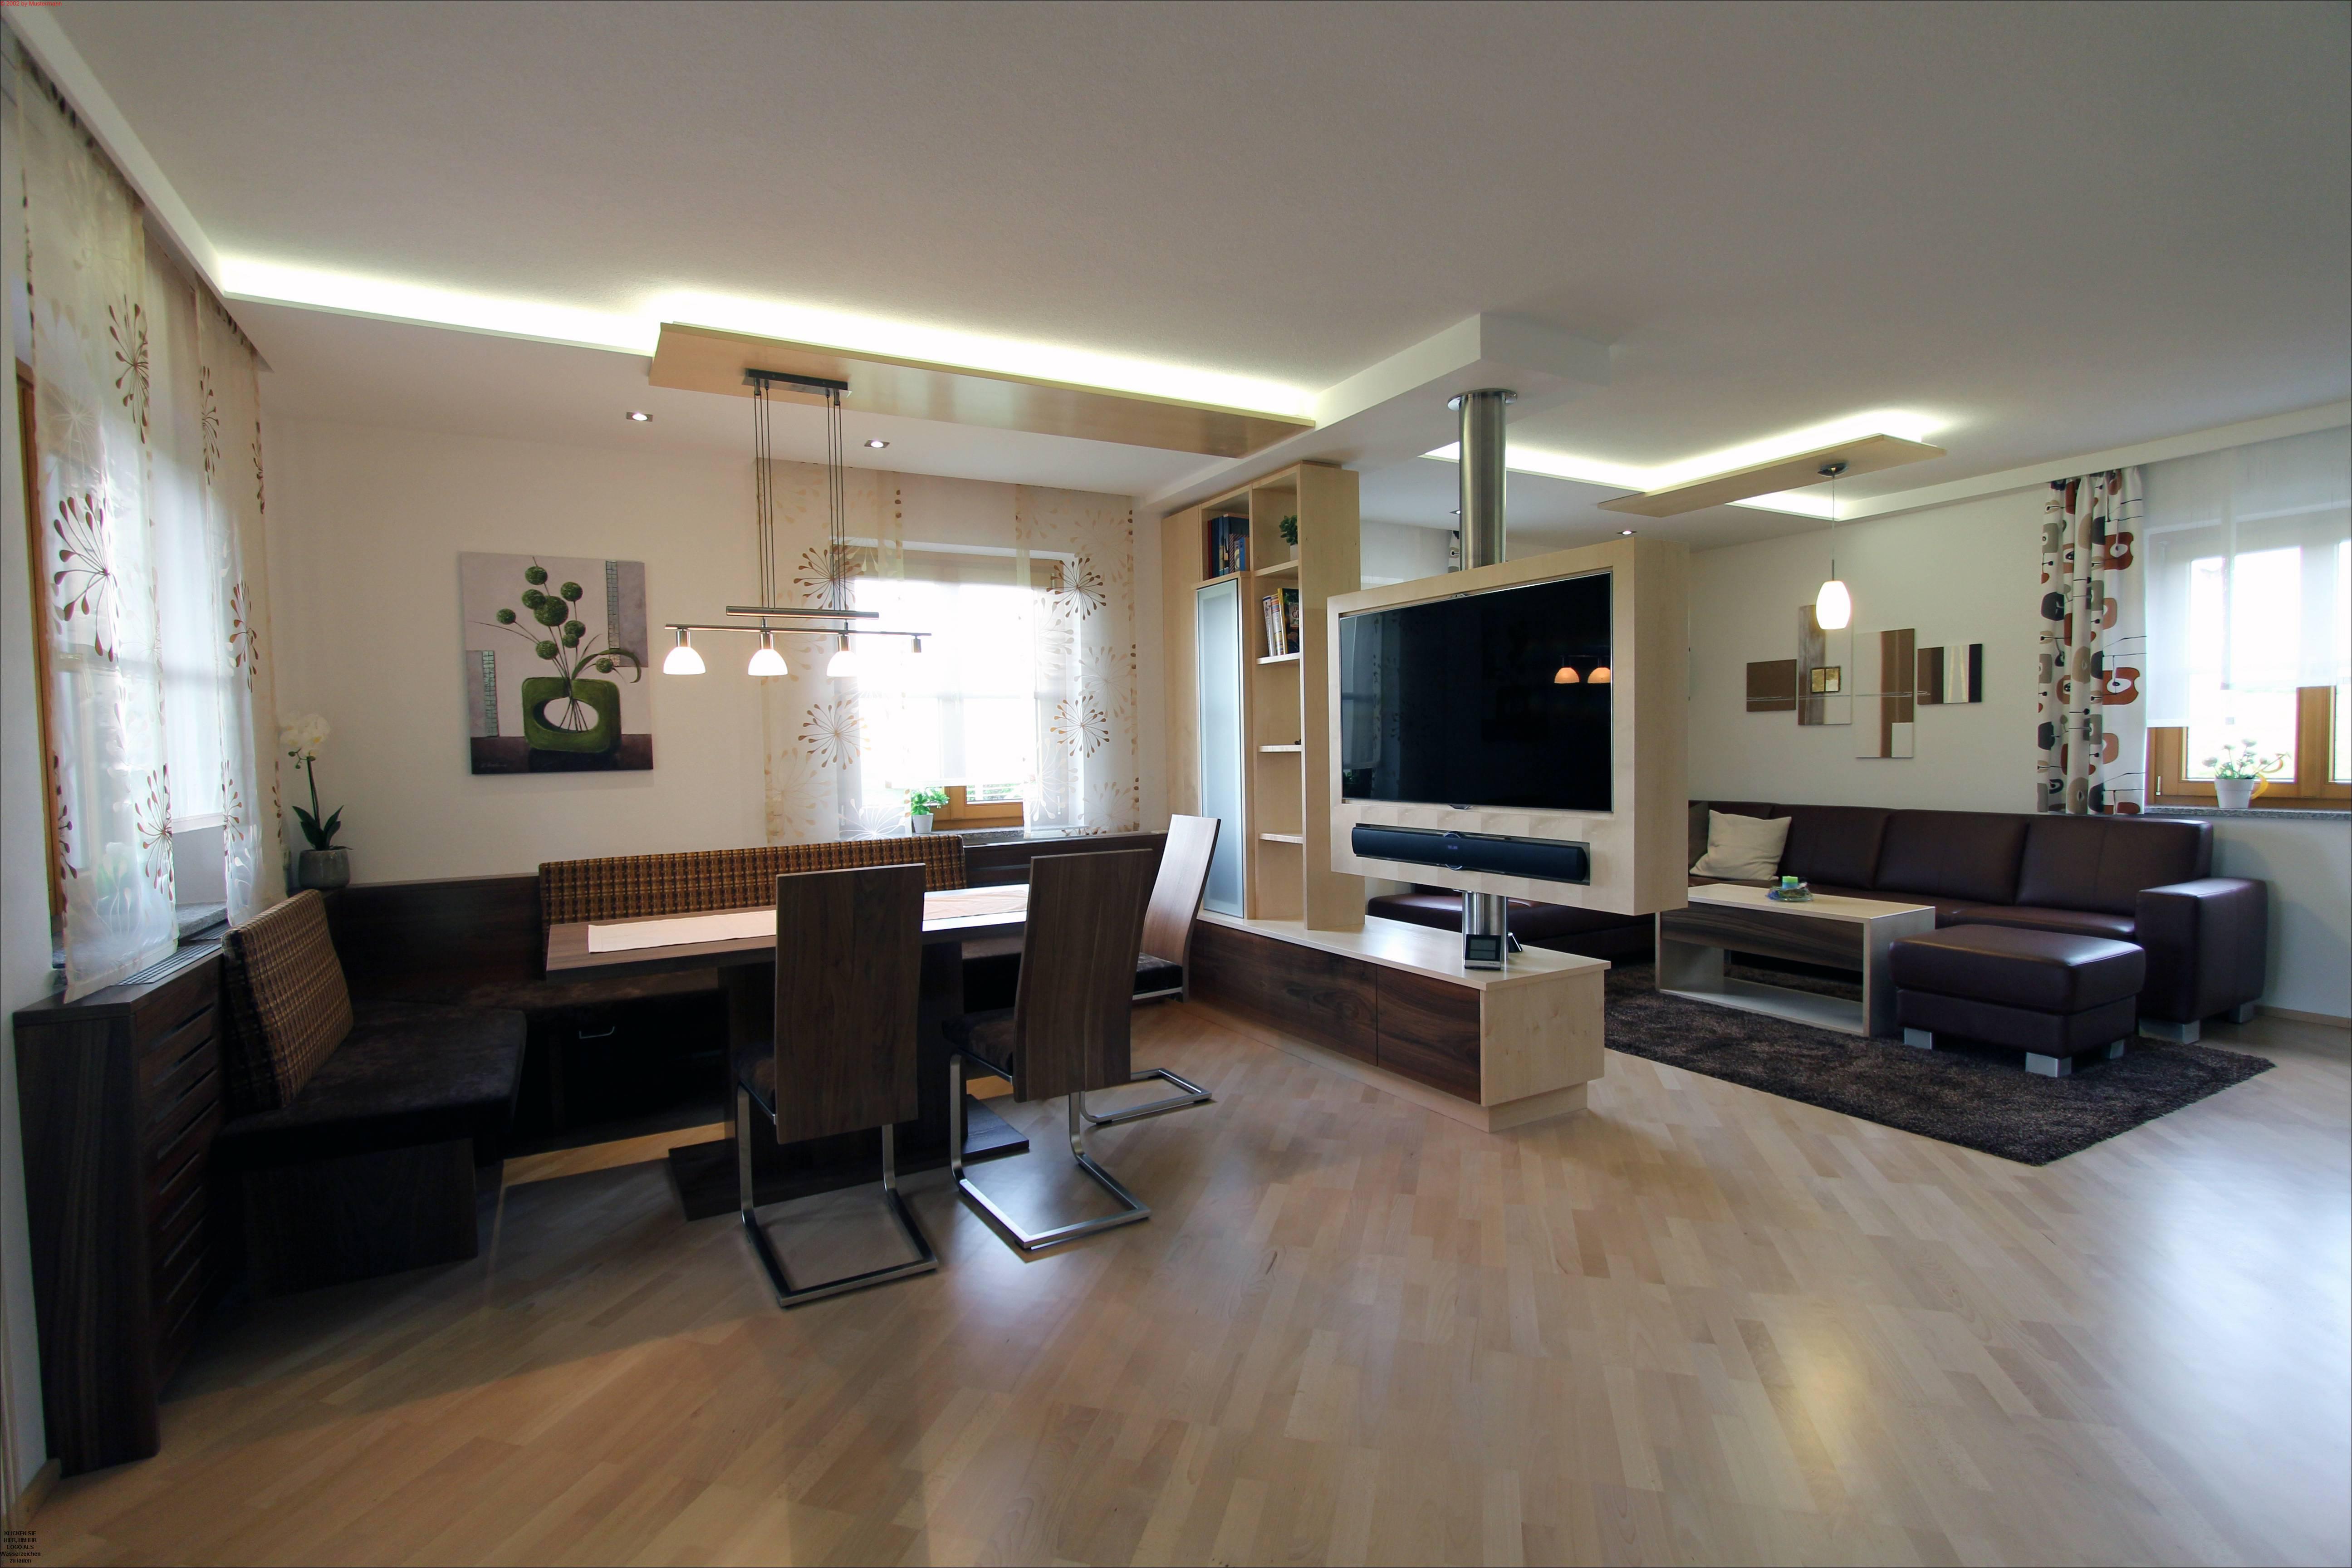 Wohn und esszimmer mit drehbaren fernseher listberger tischlerei - Fernseher wohnzimmer ...